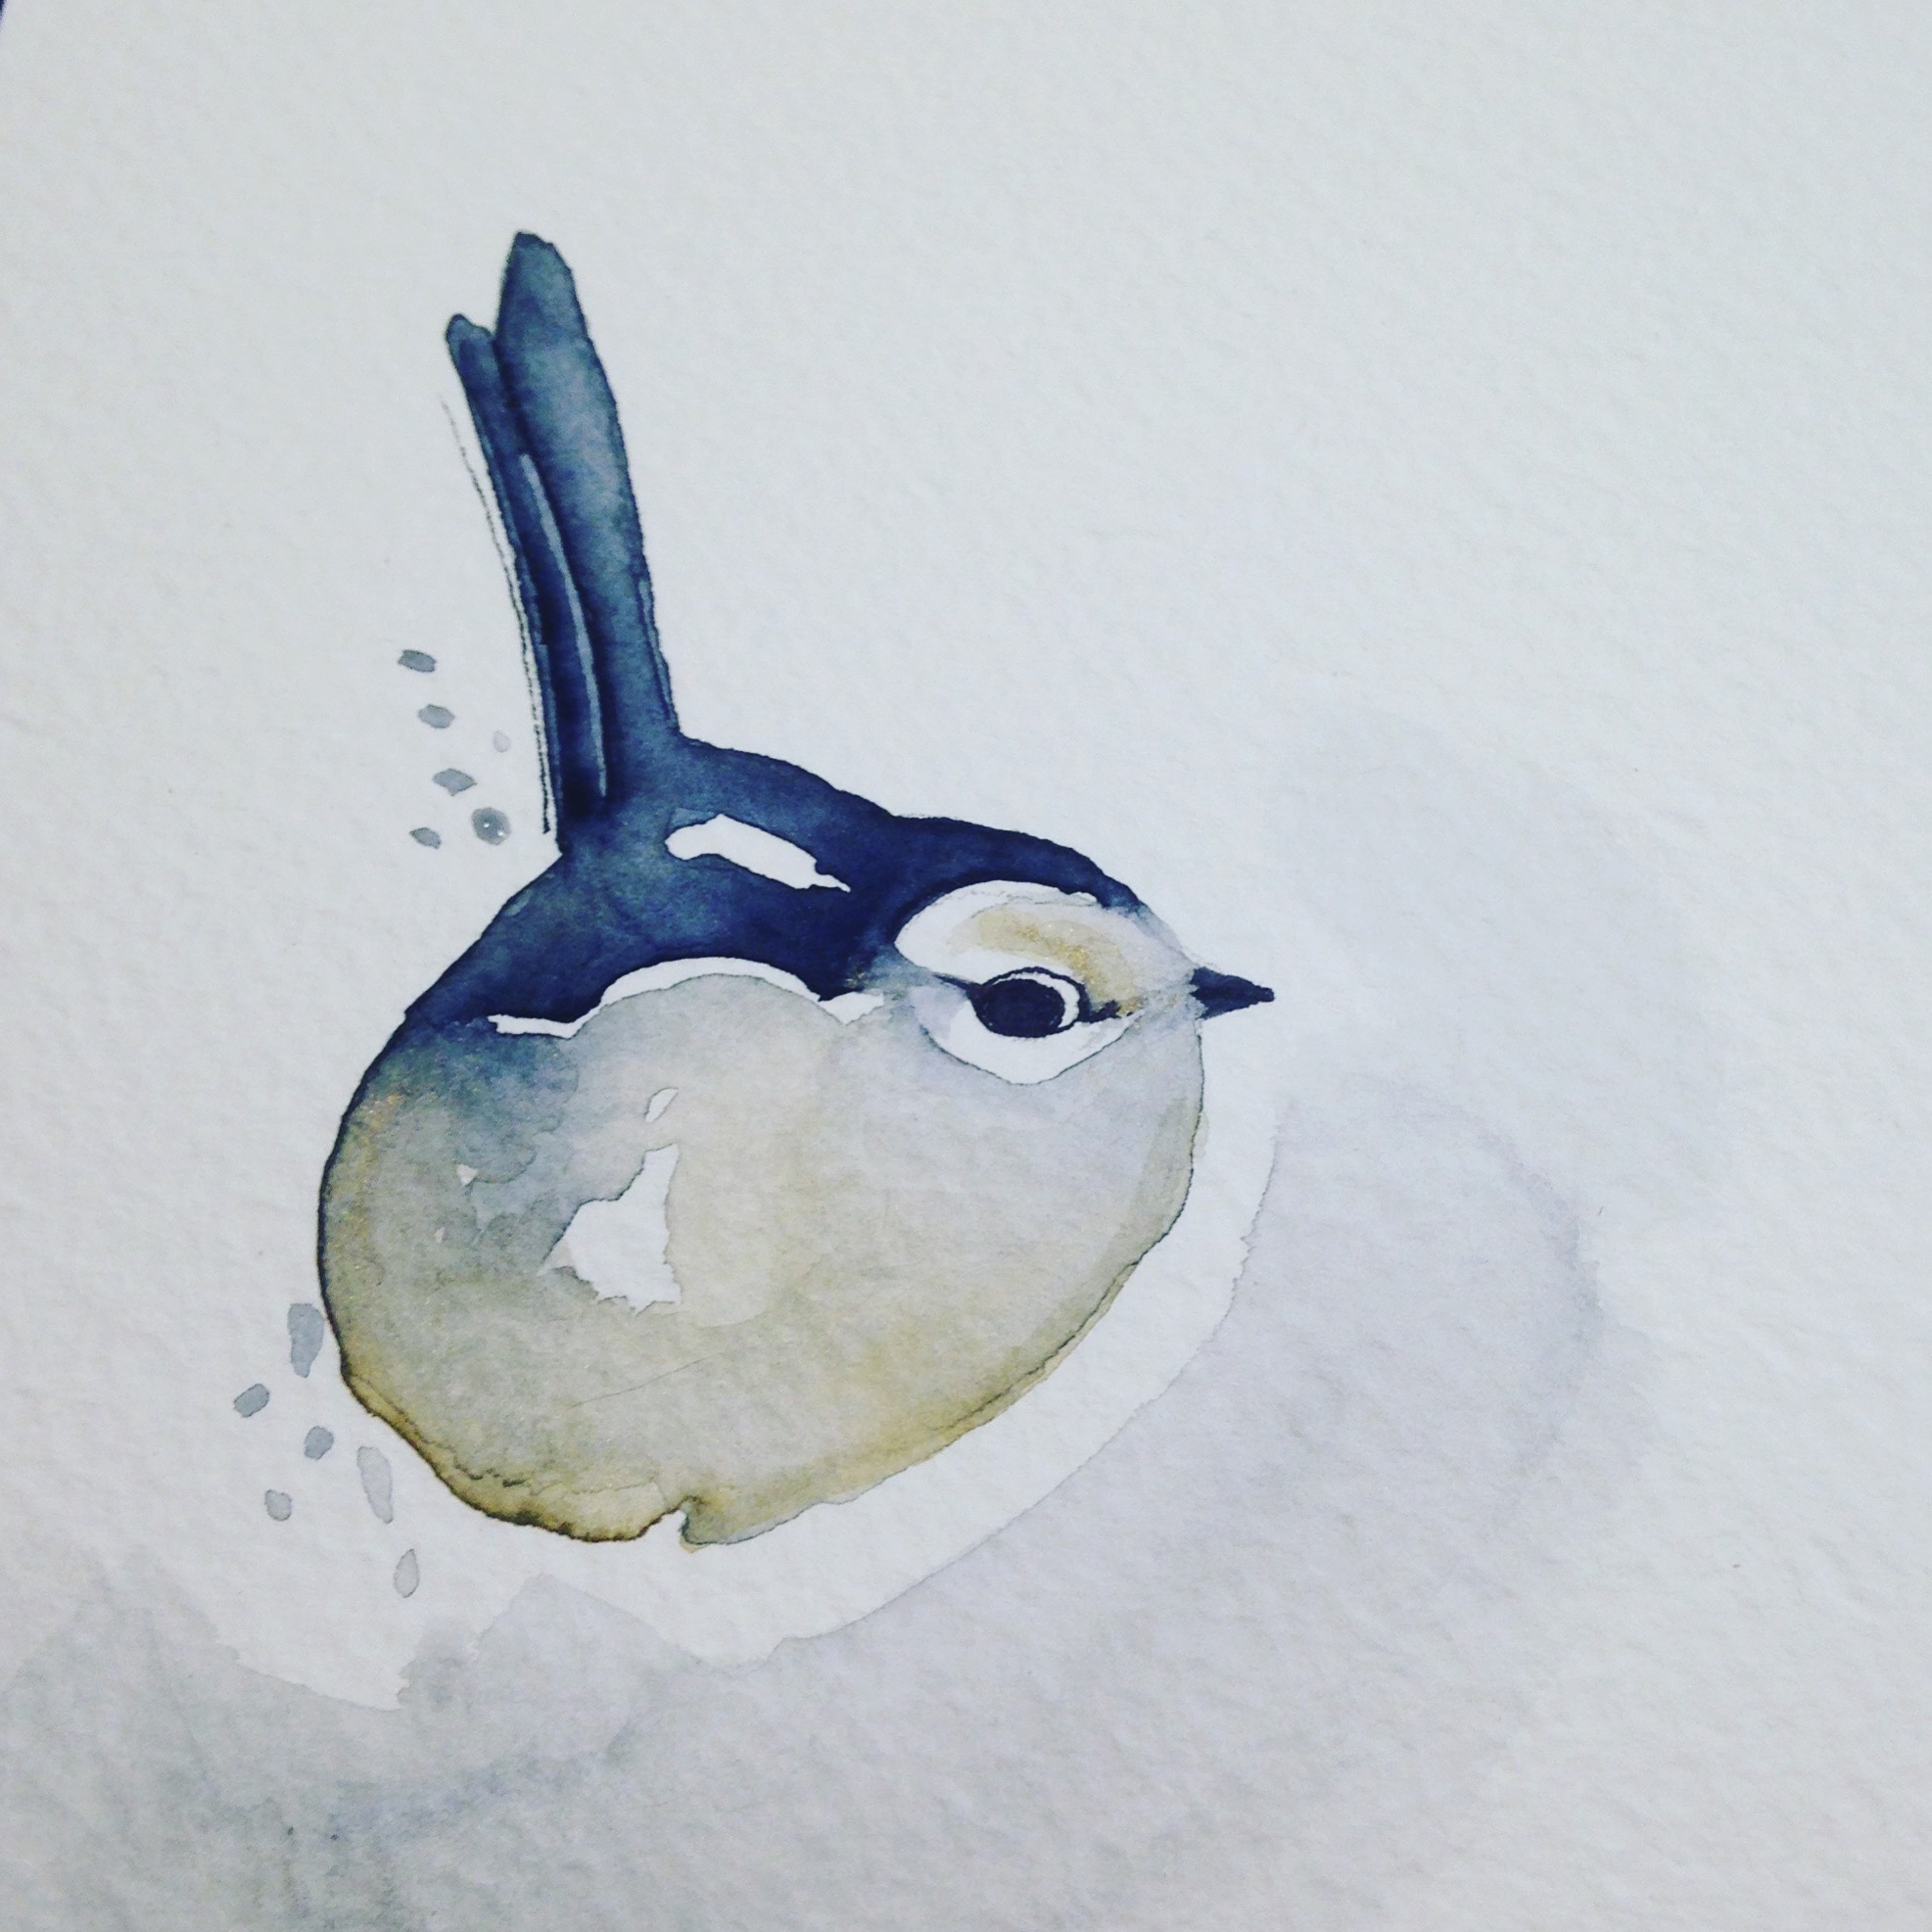 L'uccellino che aveva mangiato troppo